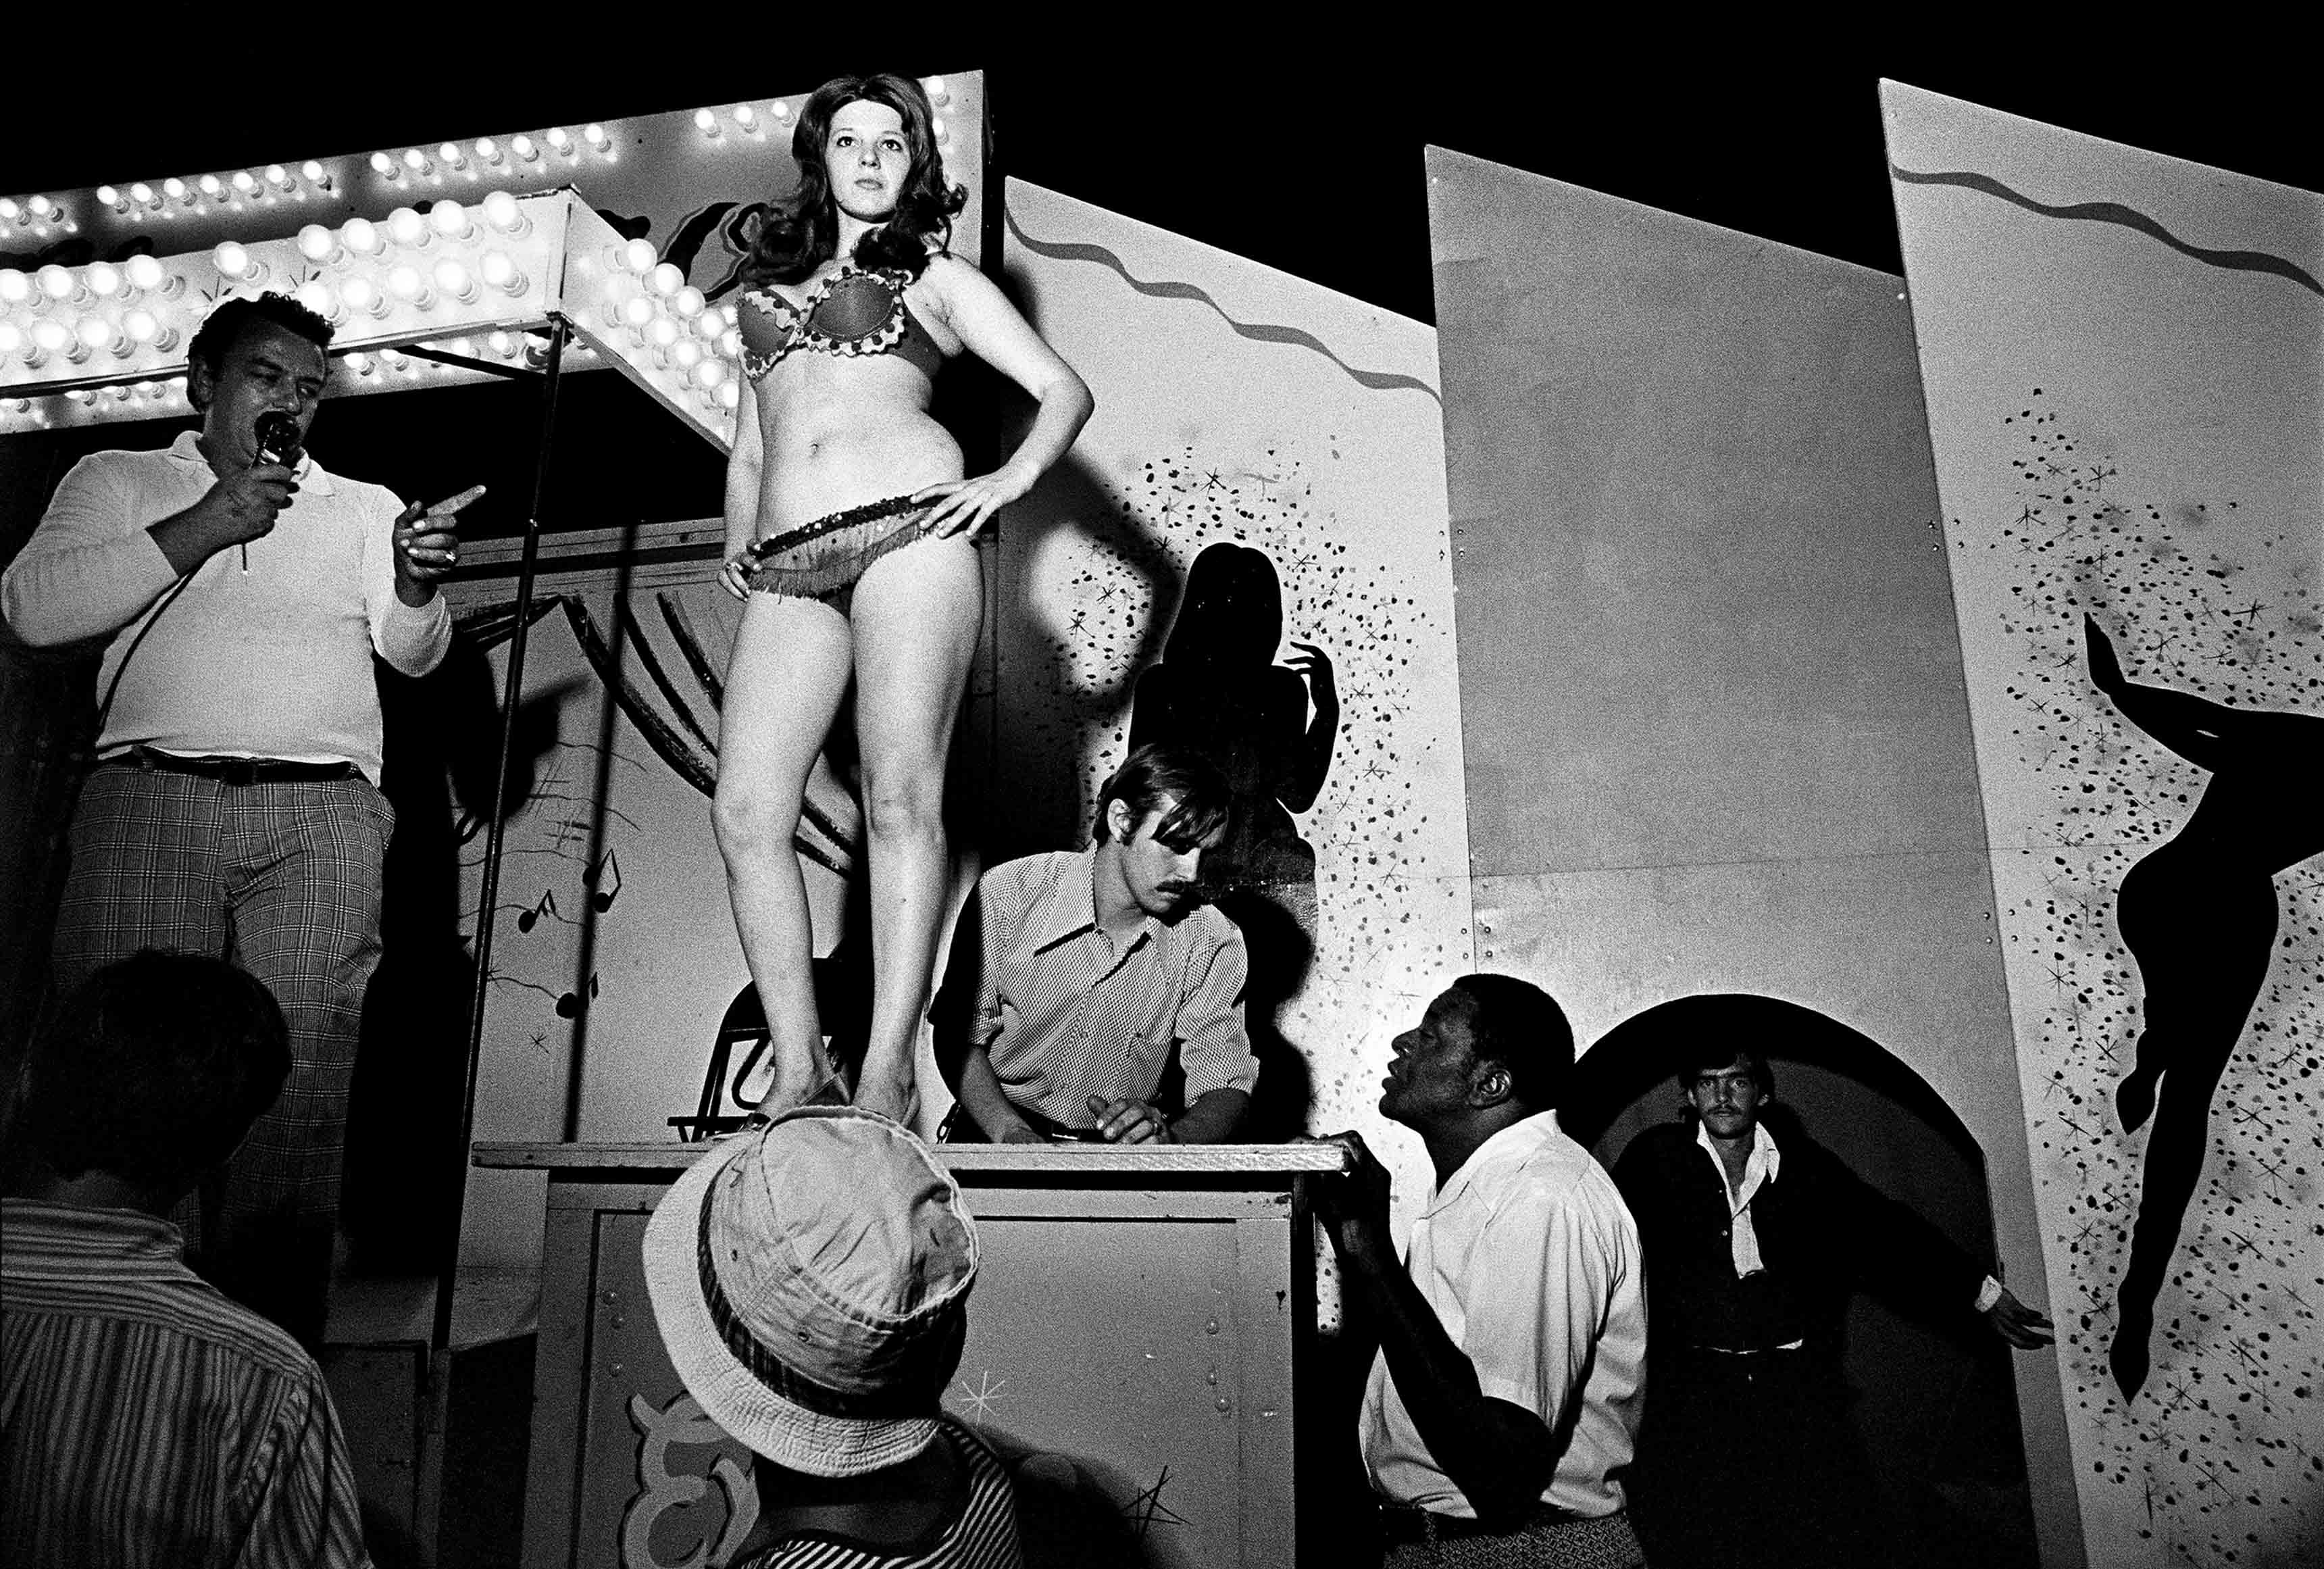 """Susan Meiselas """"Lena juchée sur sa caisse, Essex Junction, Vermont"""", 1973. Série Carnival Strippers, 1972-1975 © Susan Meiselas/Magnum Photos"""